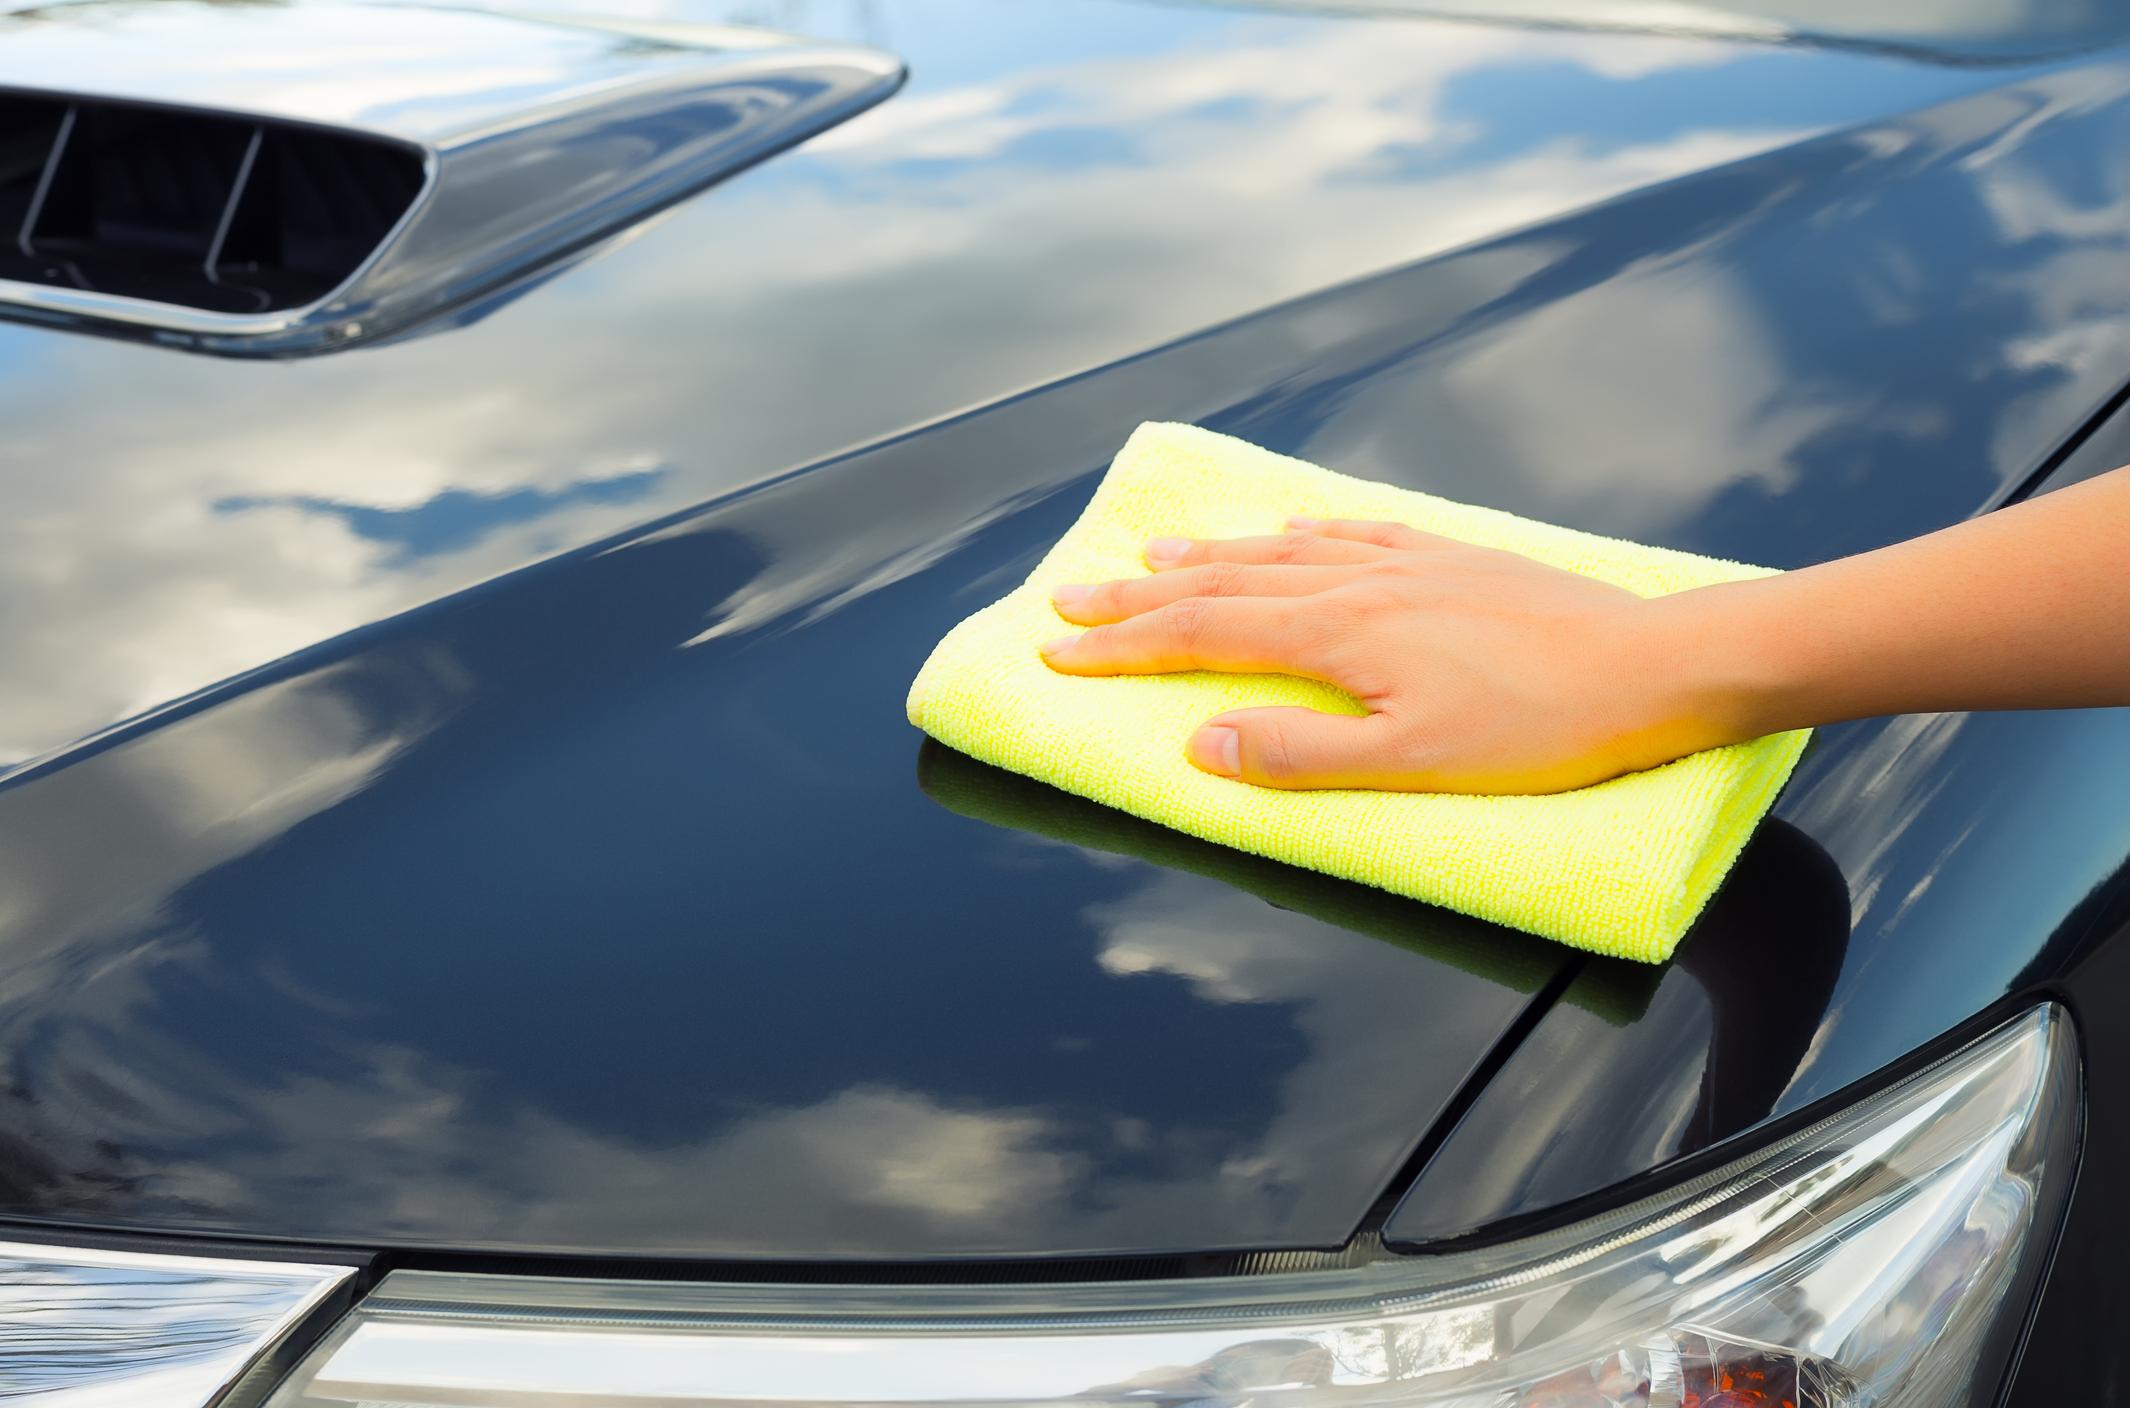 - Automotive Care